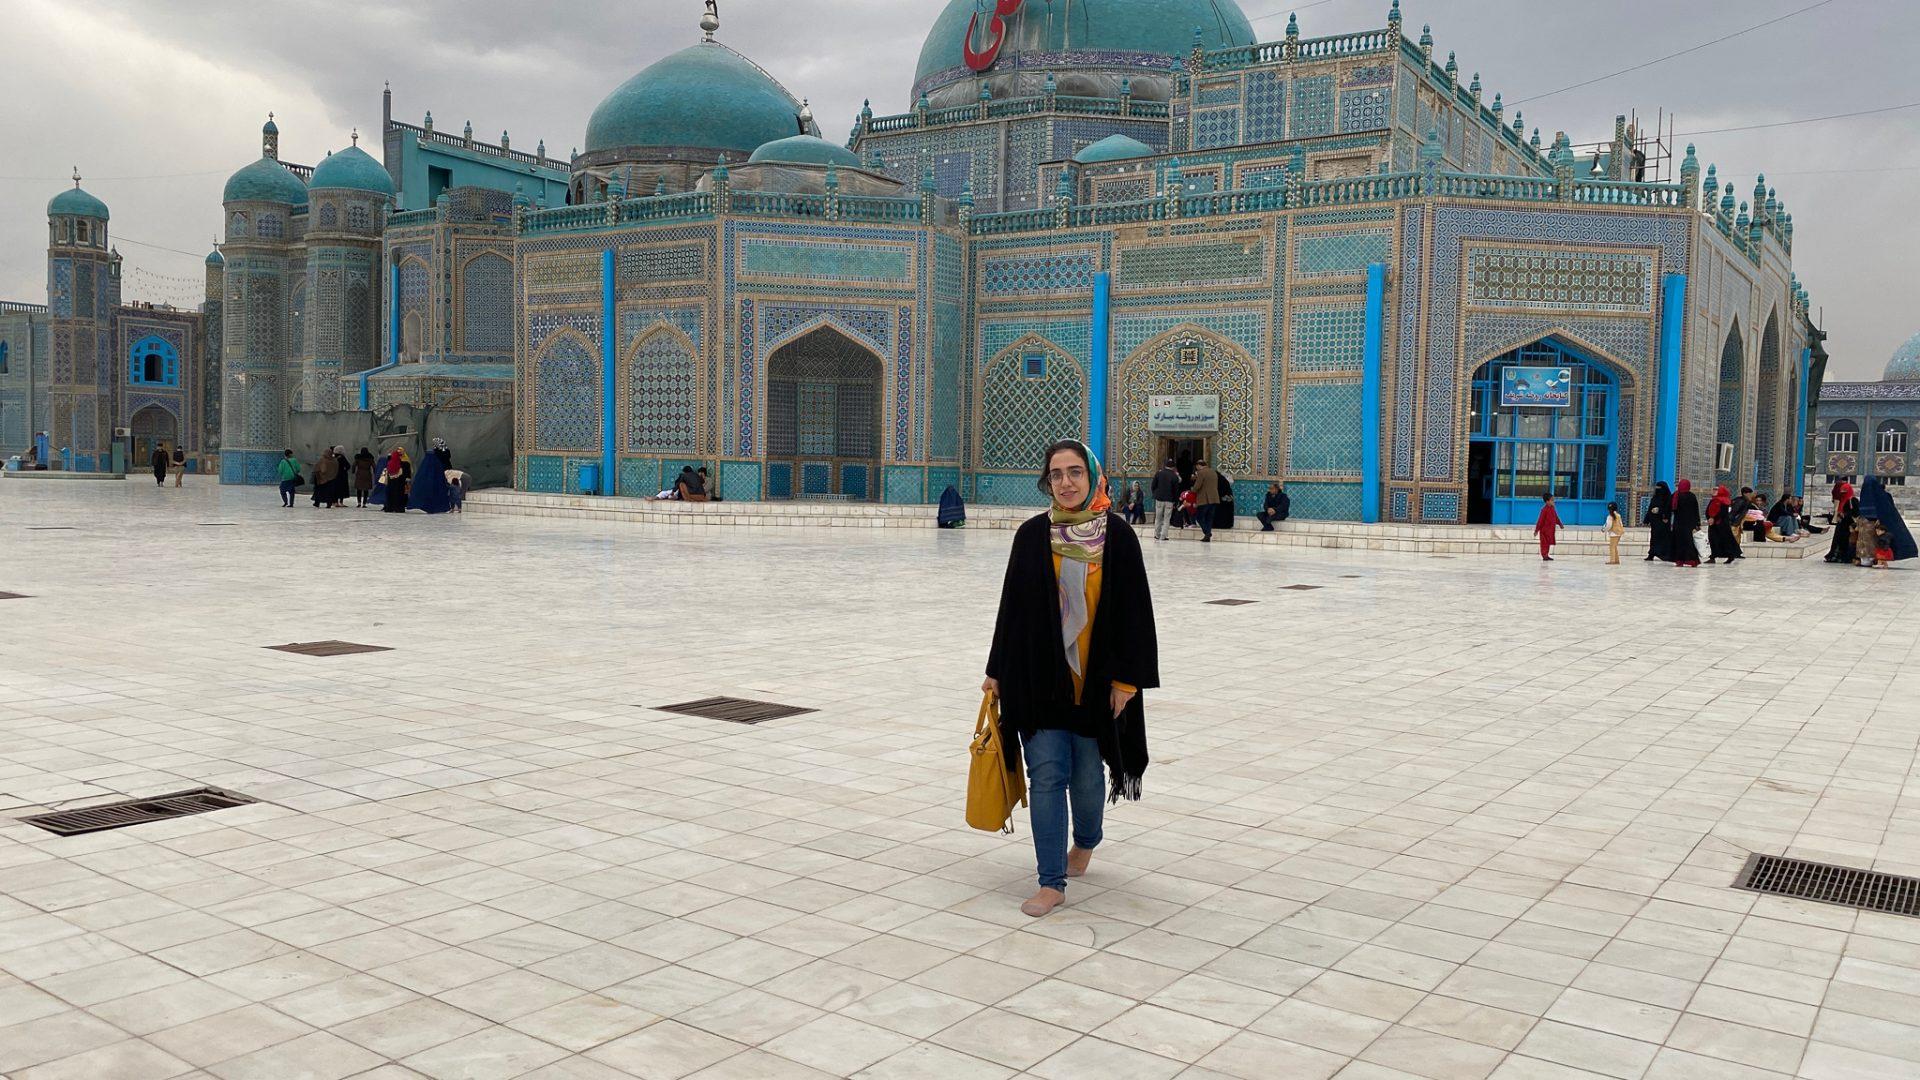 Narges at the Shrine of Hazrat Ali, Mazar-i-Sharif.